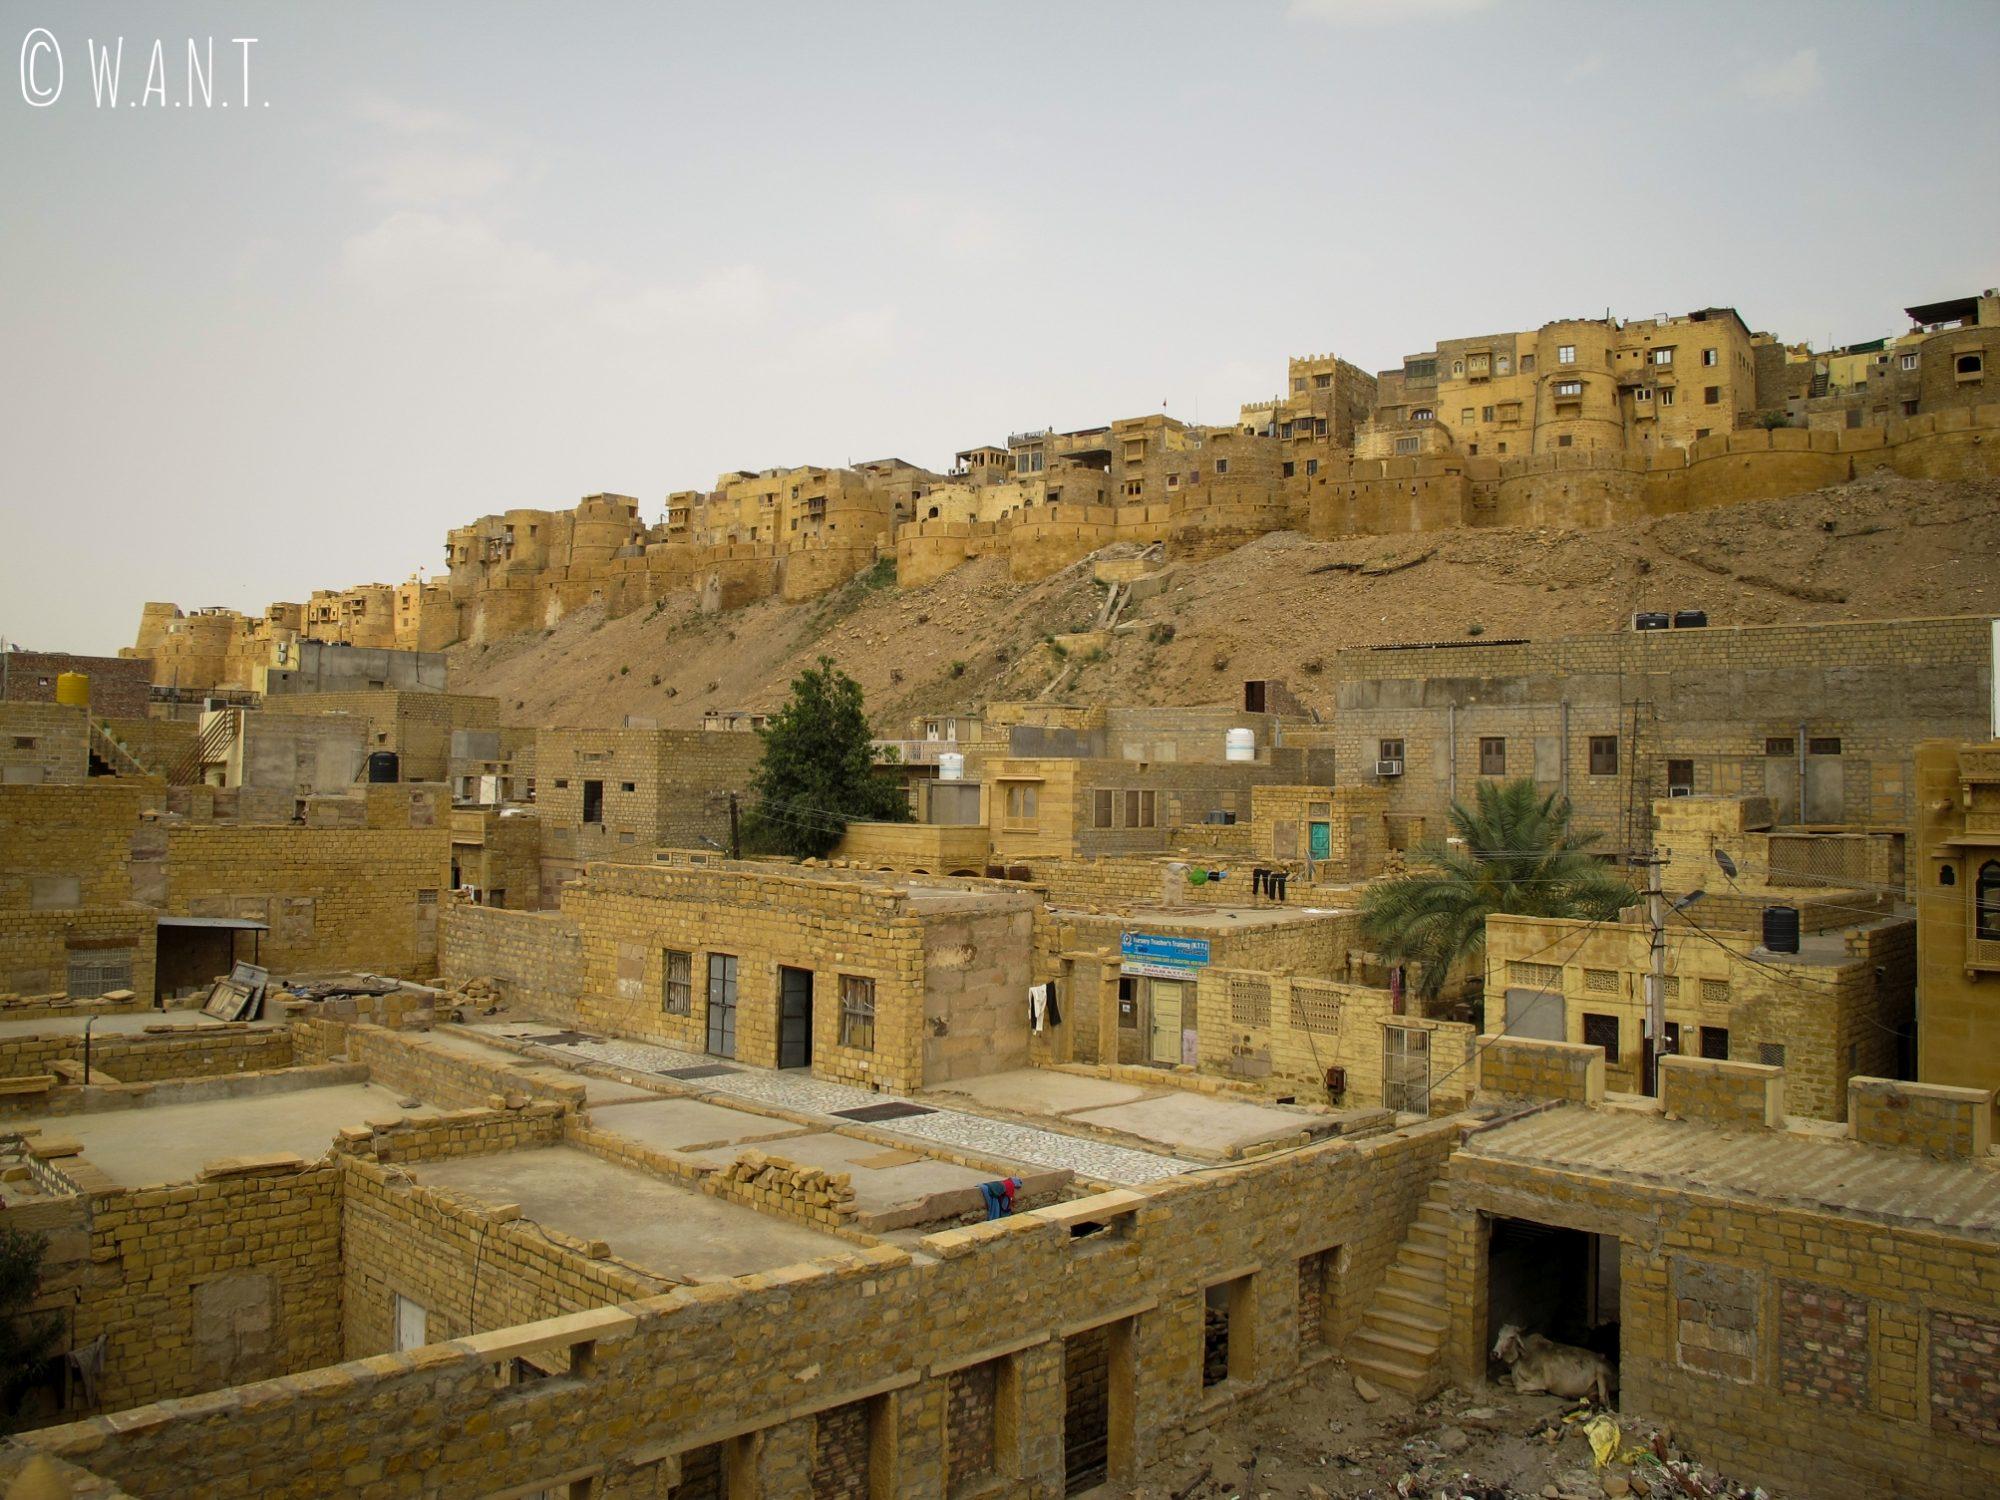 Vue du fort depuis la terrasse du Shahi Palace, à Jaisalmer